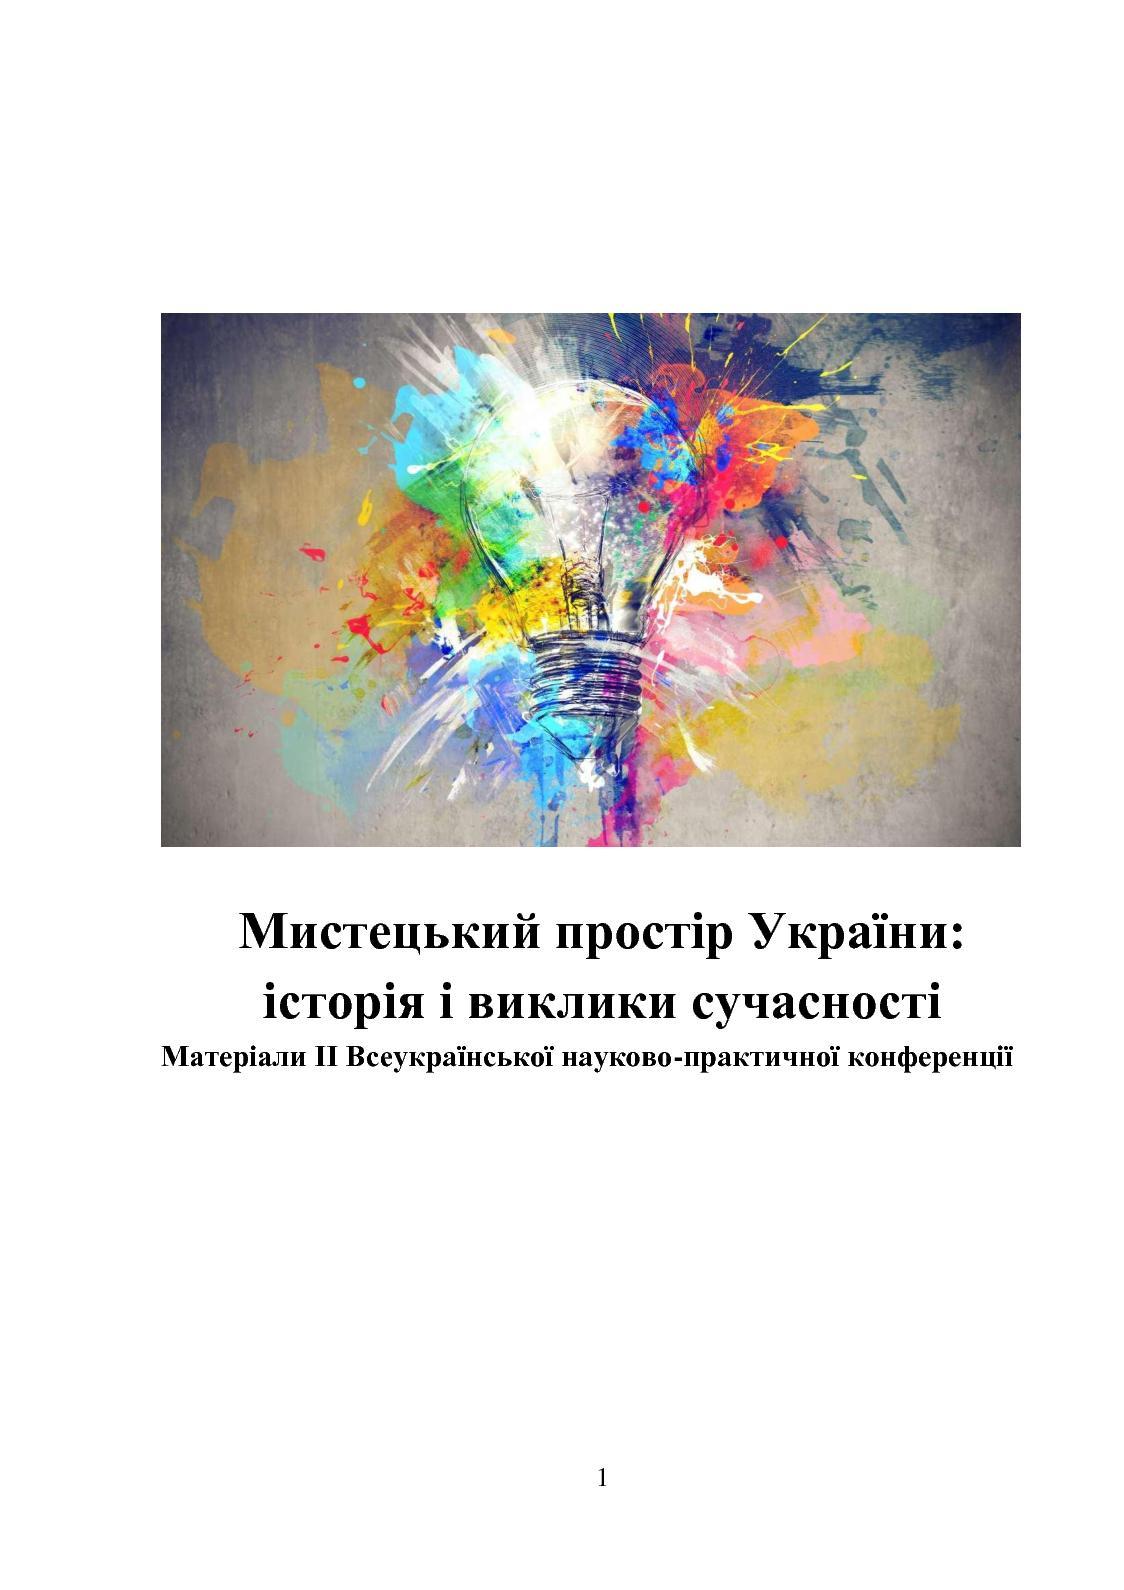 Calaméo - Мистецький простір України  історія і виклики сучасності 27aeb9855d55b